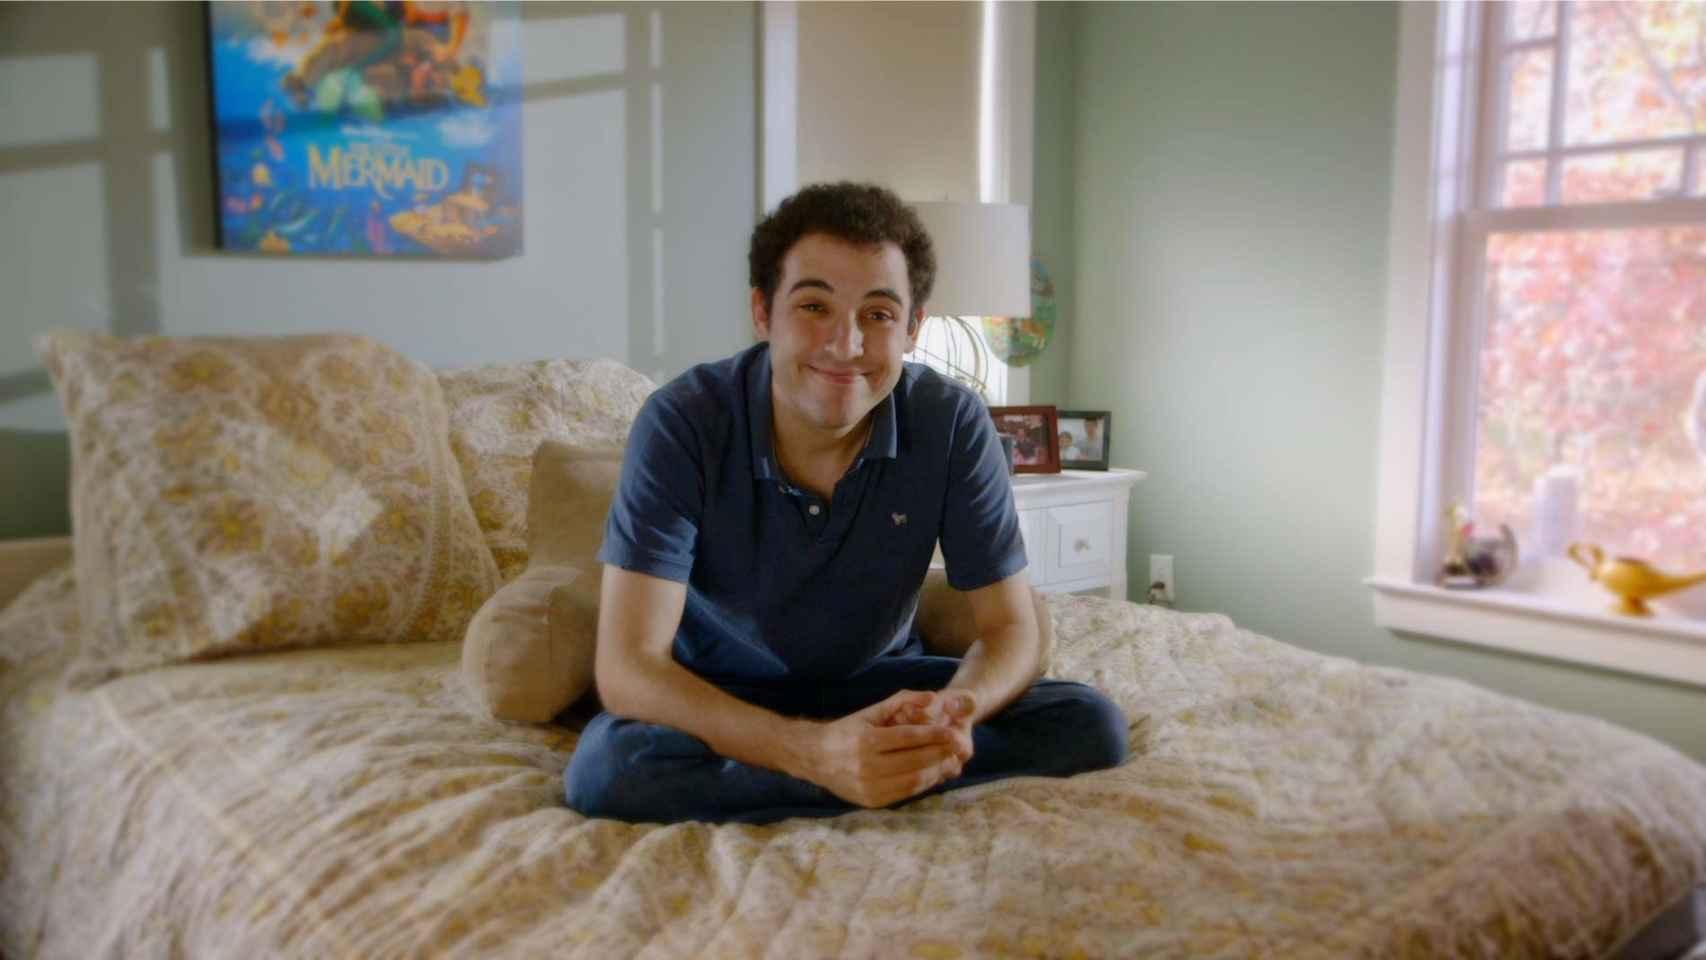 Owen Suskind, el protagonista real de Life, animated.